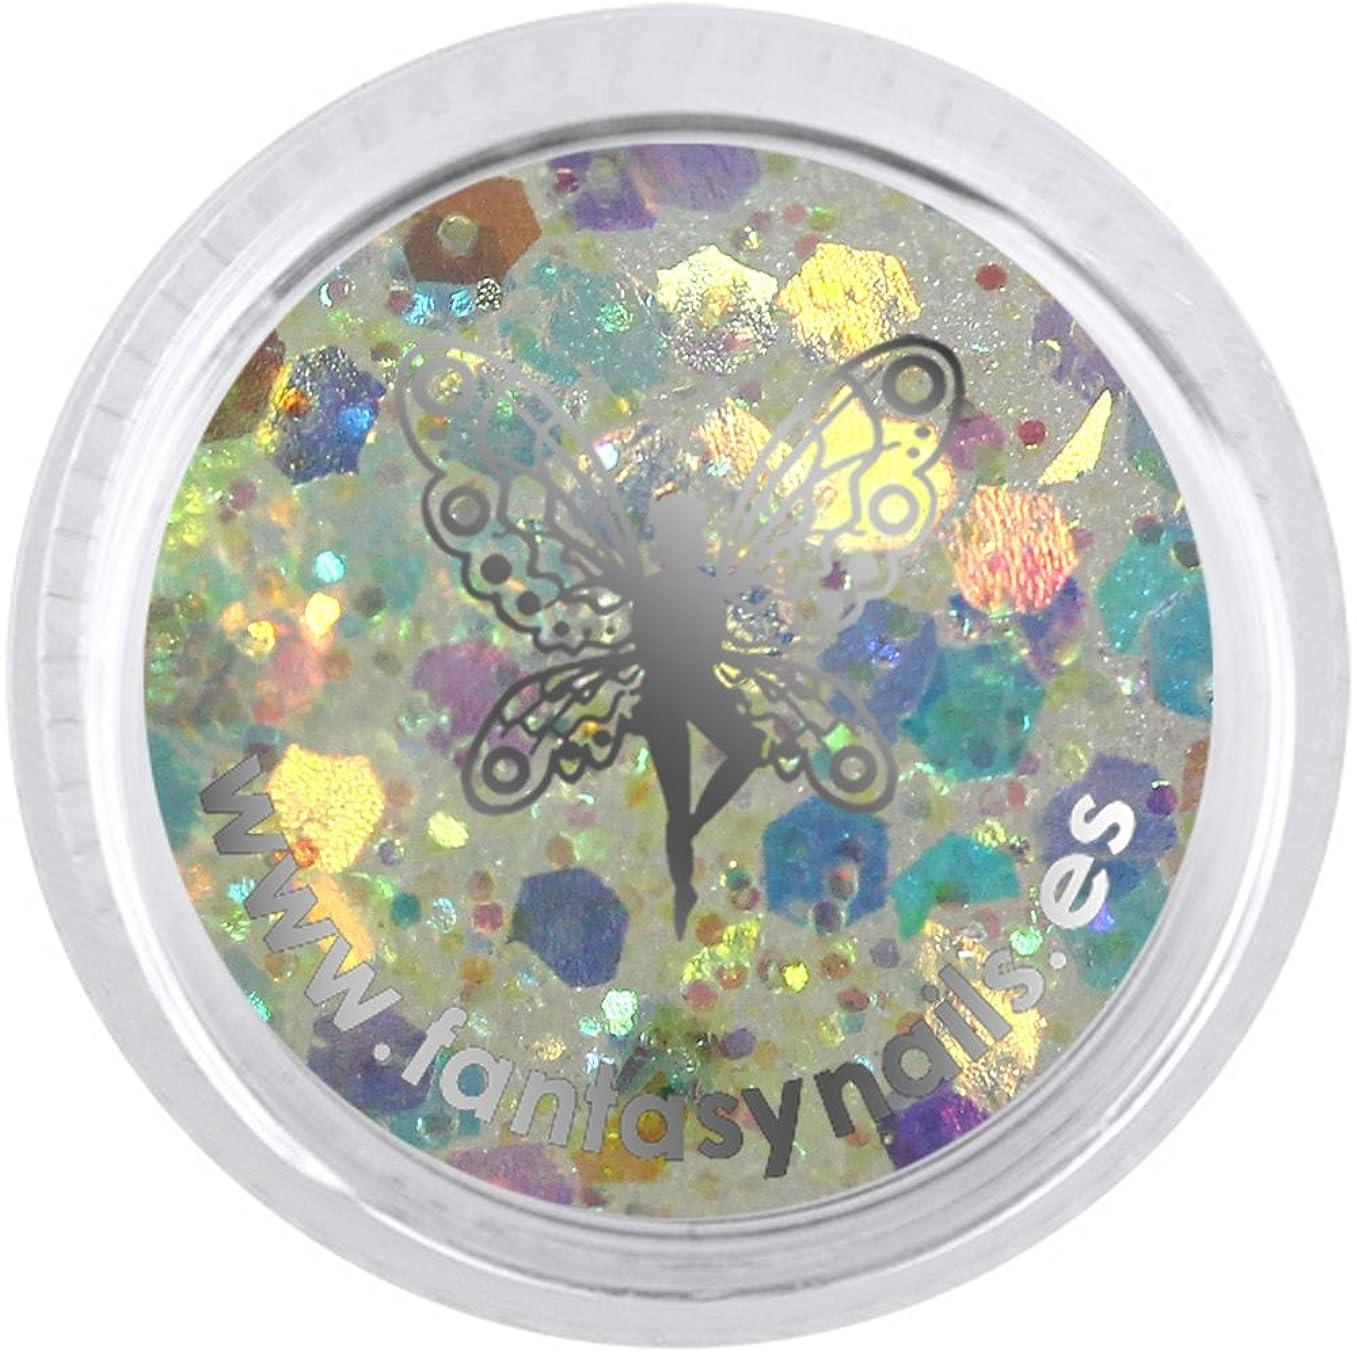 計器光沢何もないFANTASY NAIL トウキョウコレクション 3g 4220XS カラーパウダー アート材